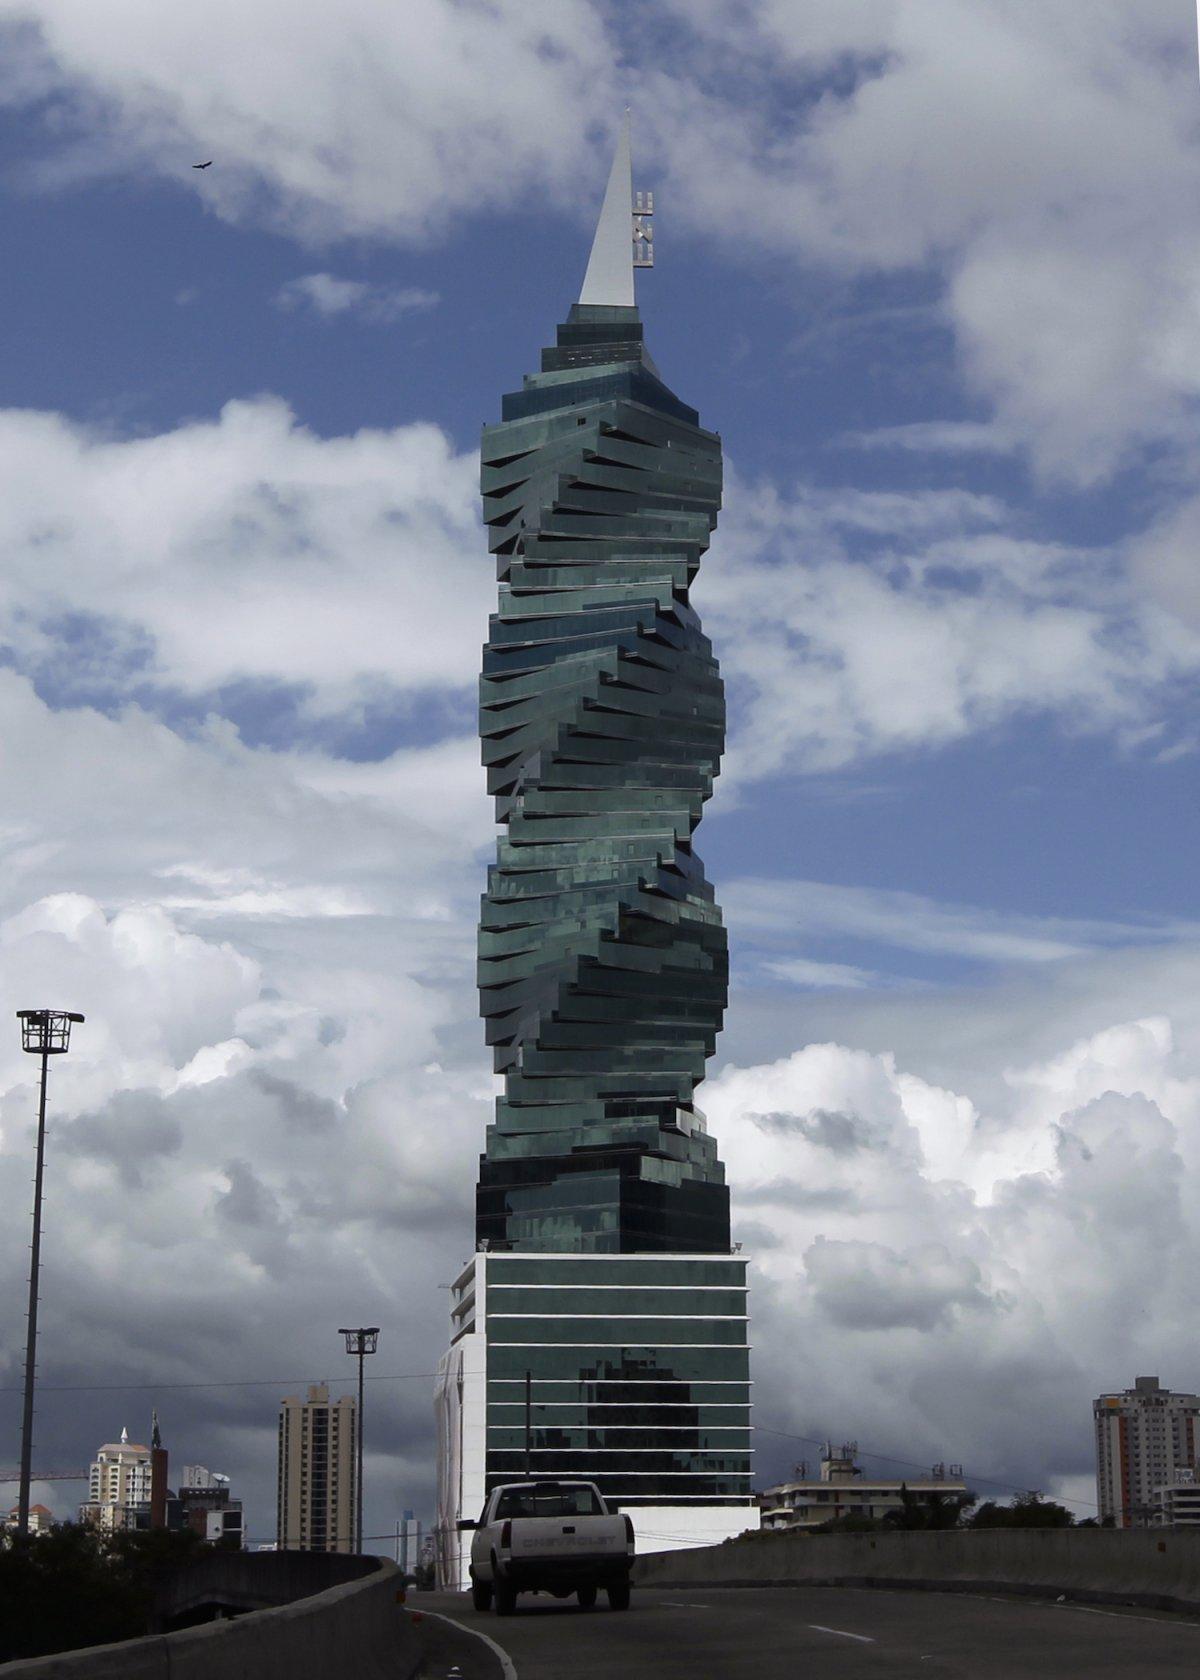 F&F Tower (город Панама, Панама). Проектировщик — Pinzon Lozano and Associates. Высота — 232 метра.